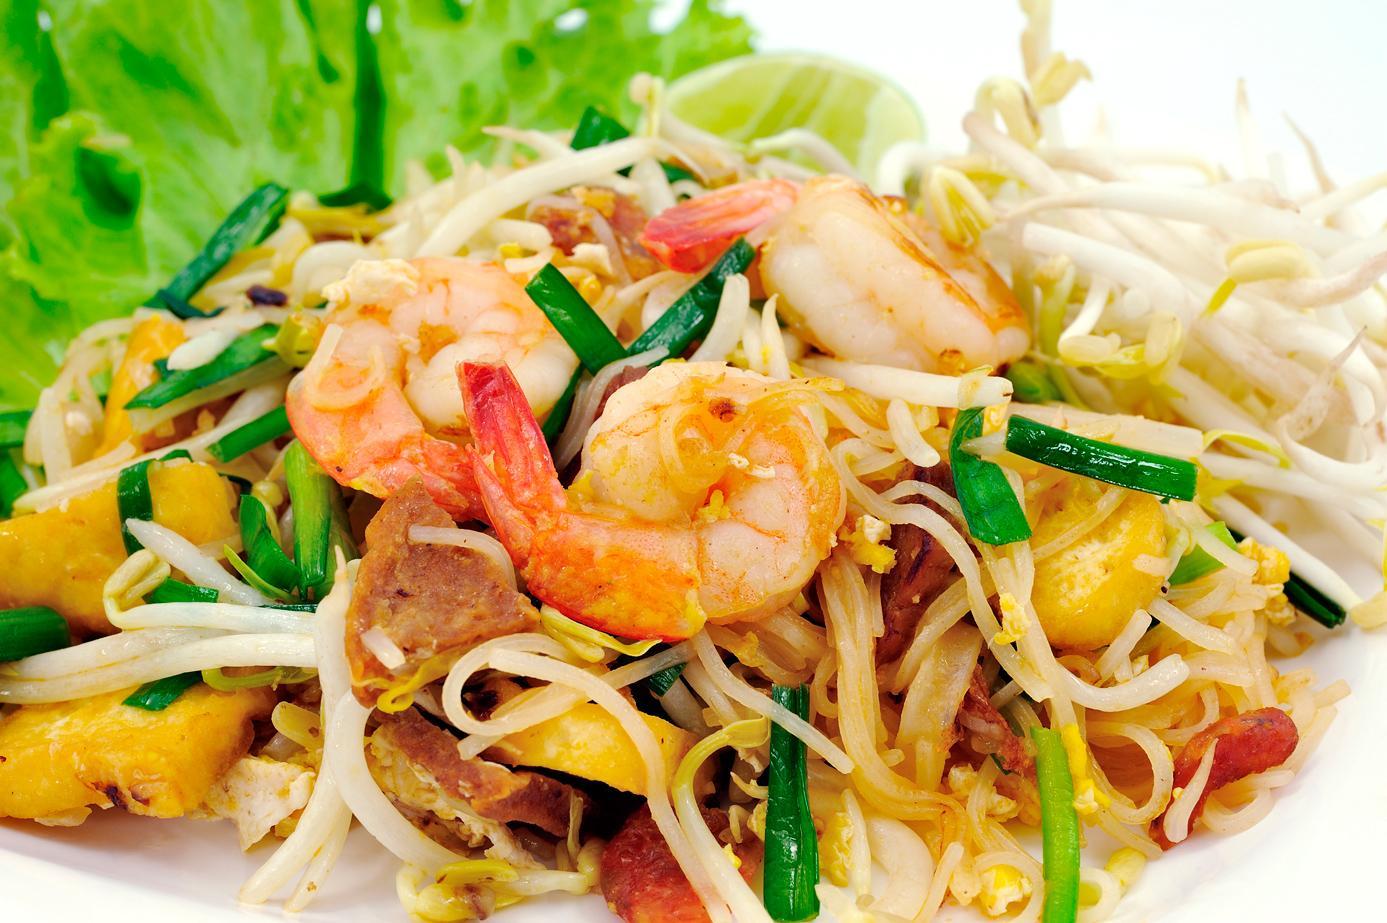 The Royal Thai Restaurant